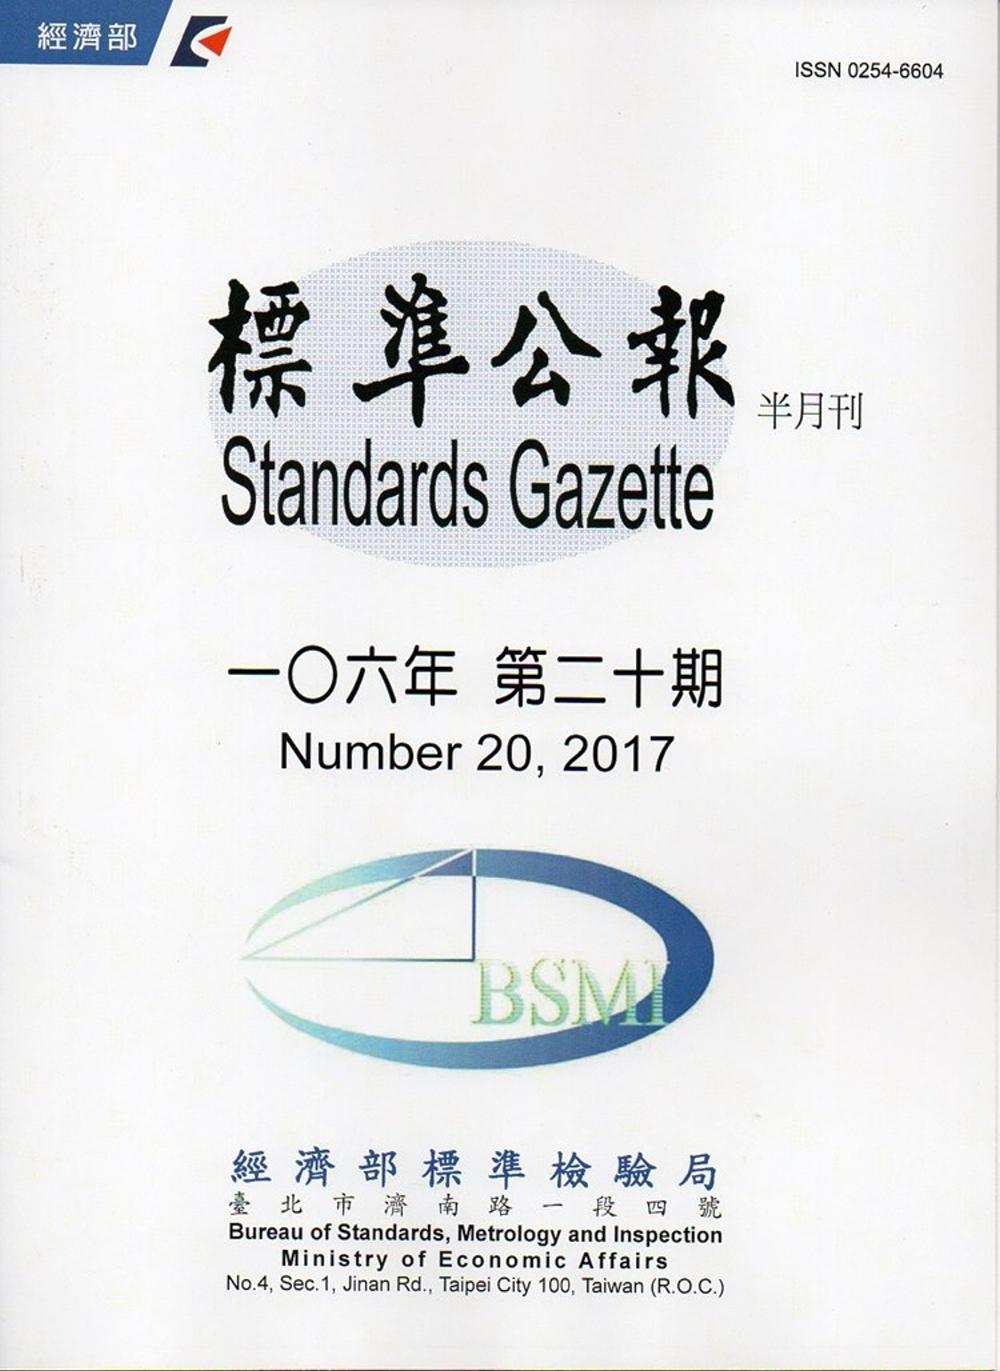 標準公報半月刊106年 第二十期